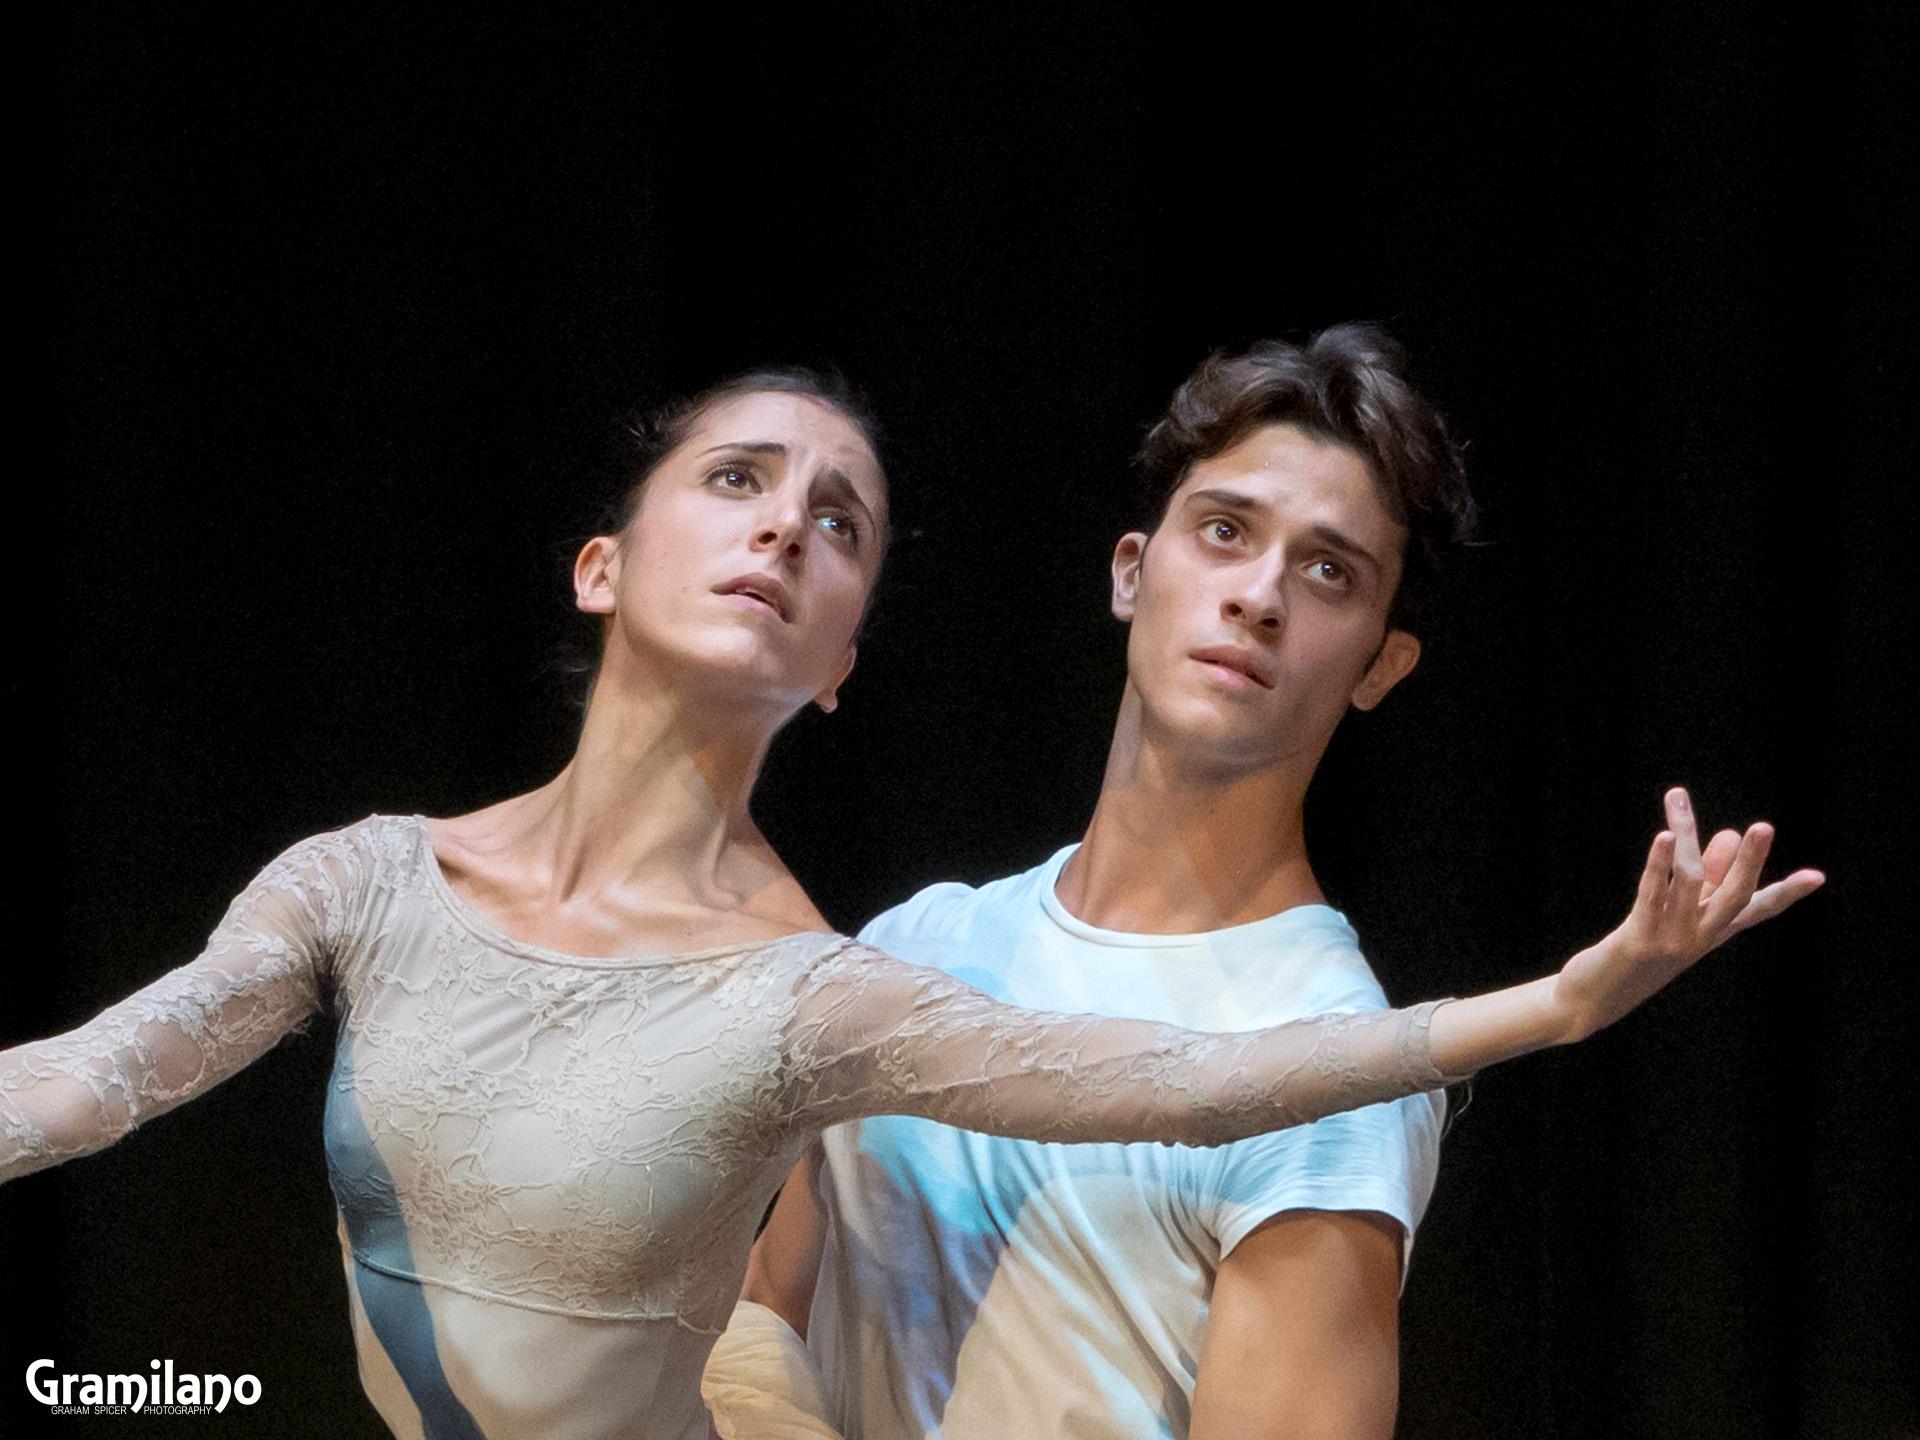 Vittoria Valeri and Claudio Coviello rehearse Giselle